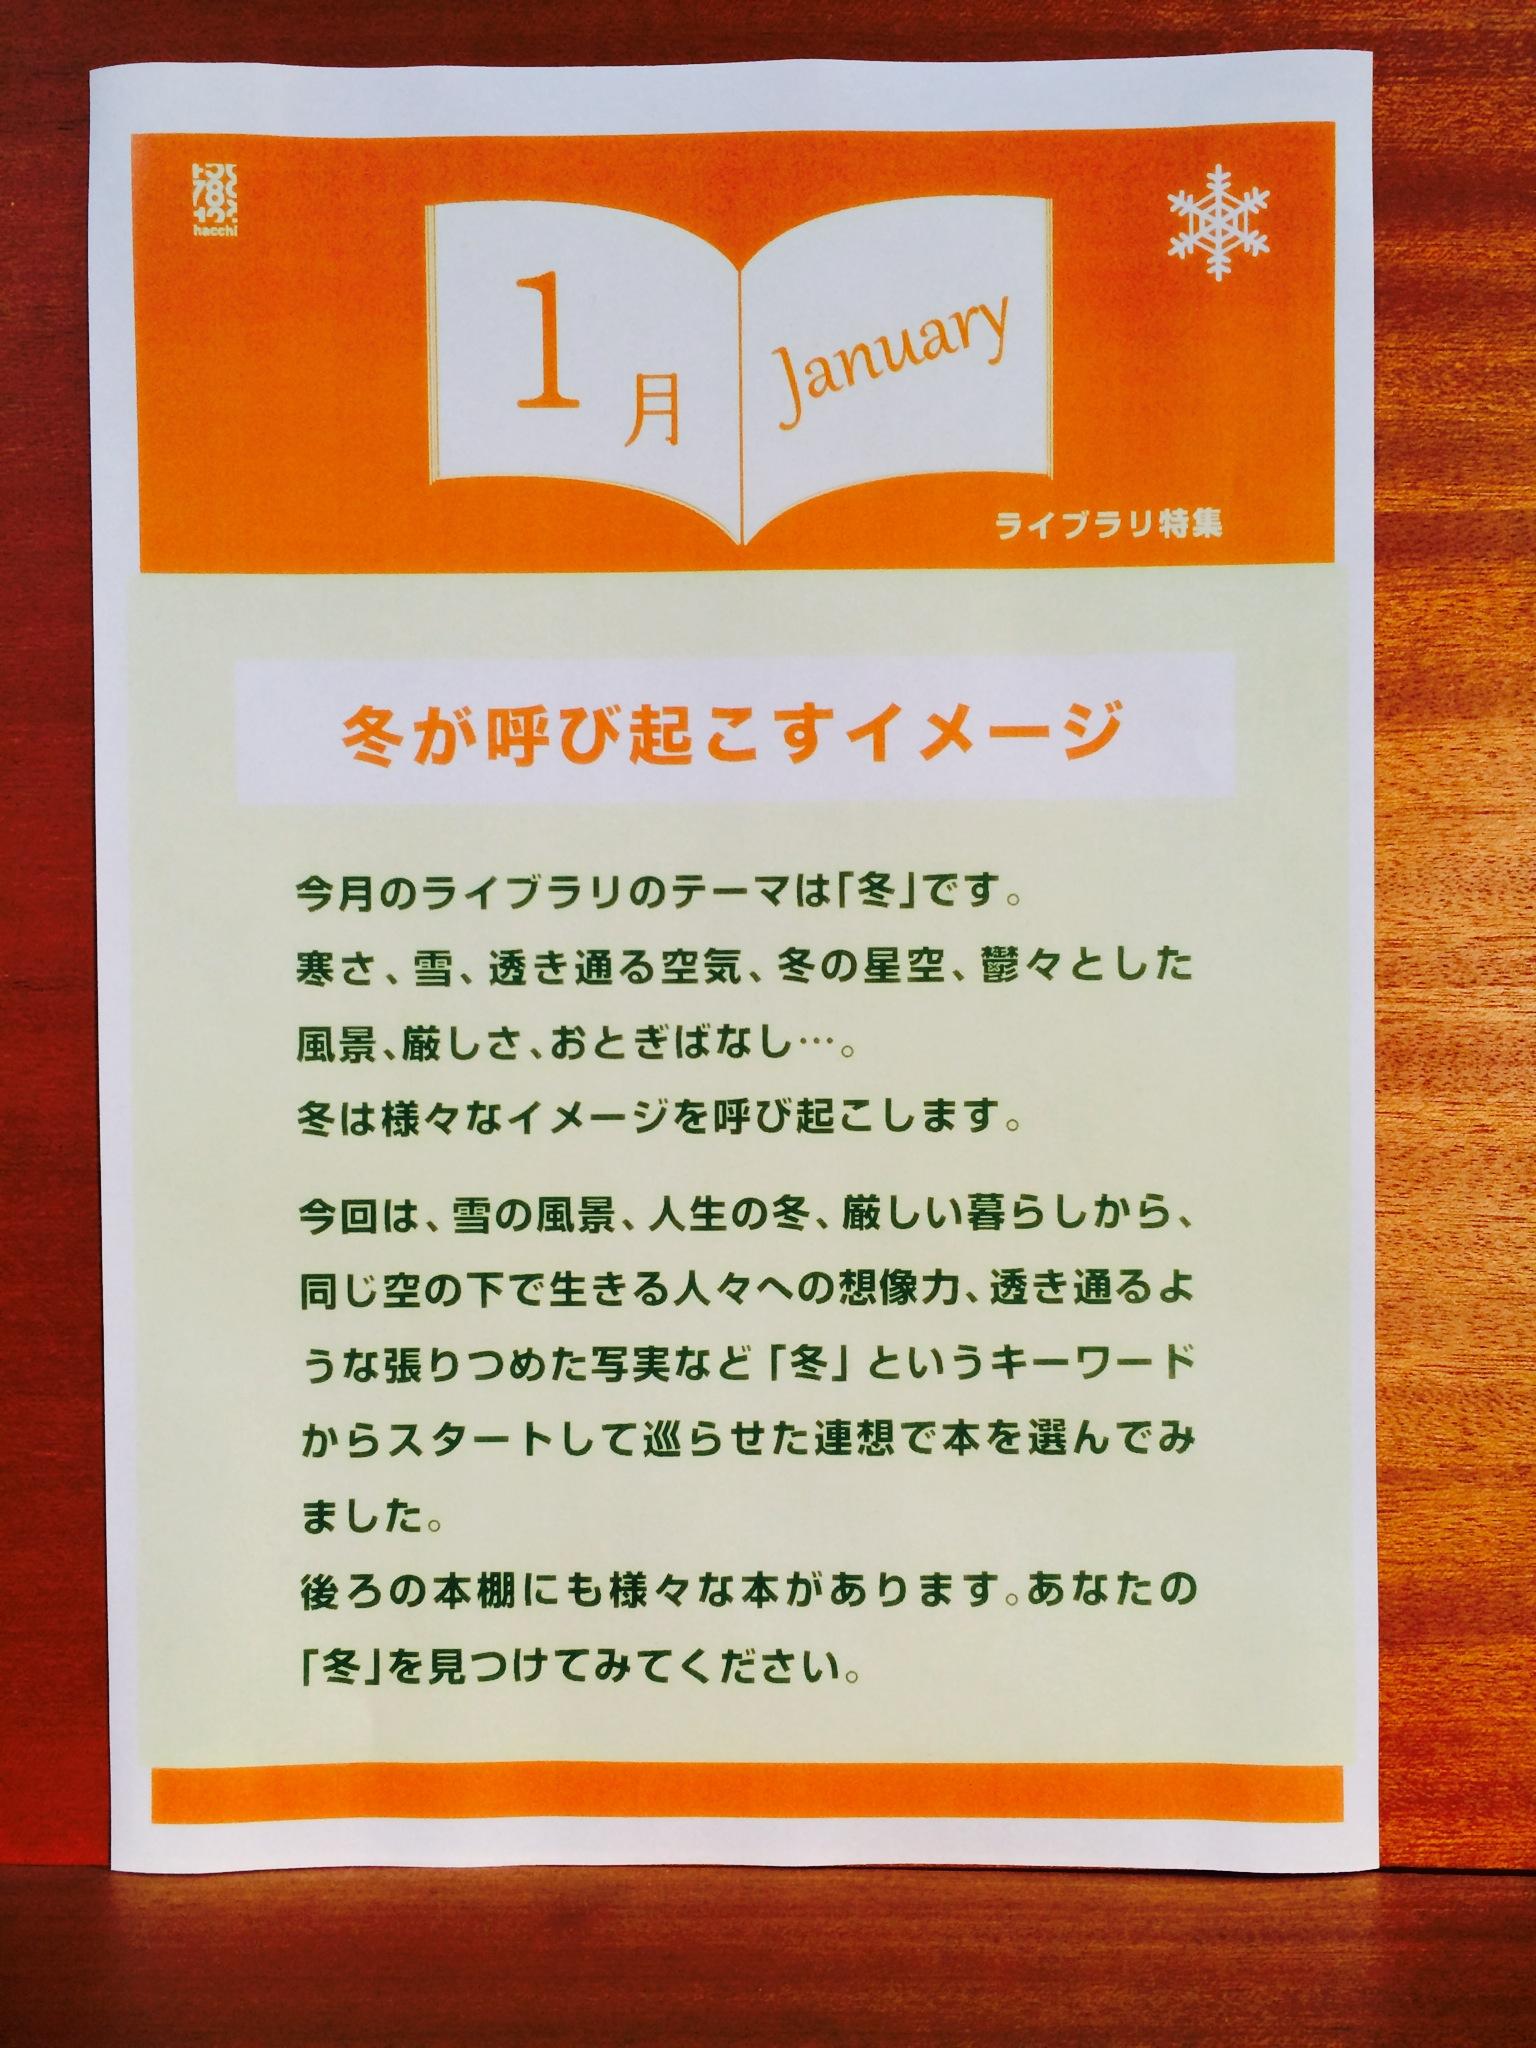 http://hacchi.jp/blog/upload/images/20140108-2.JPG